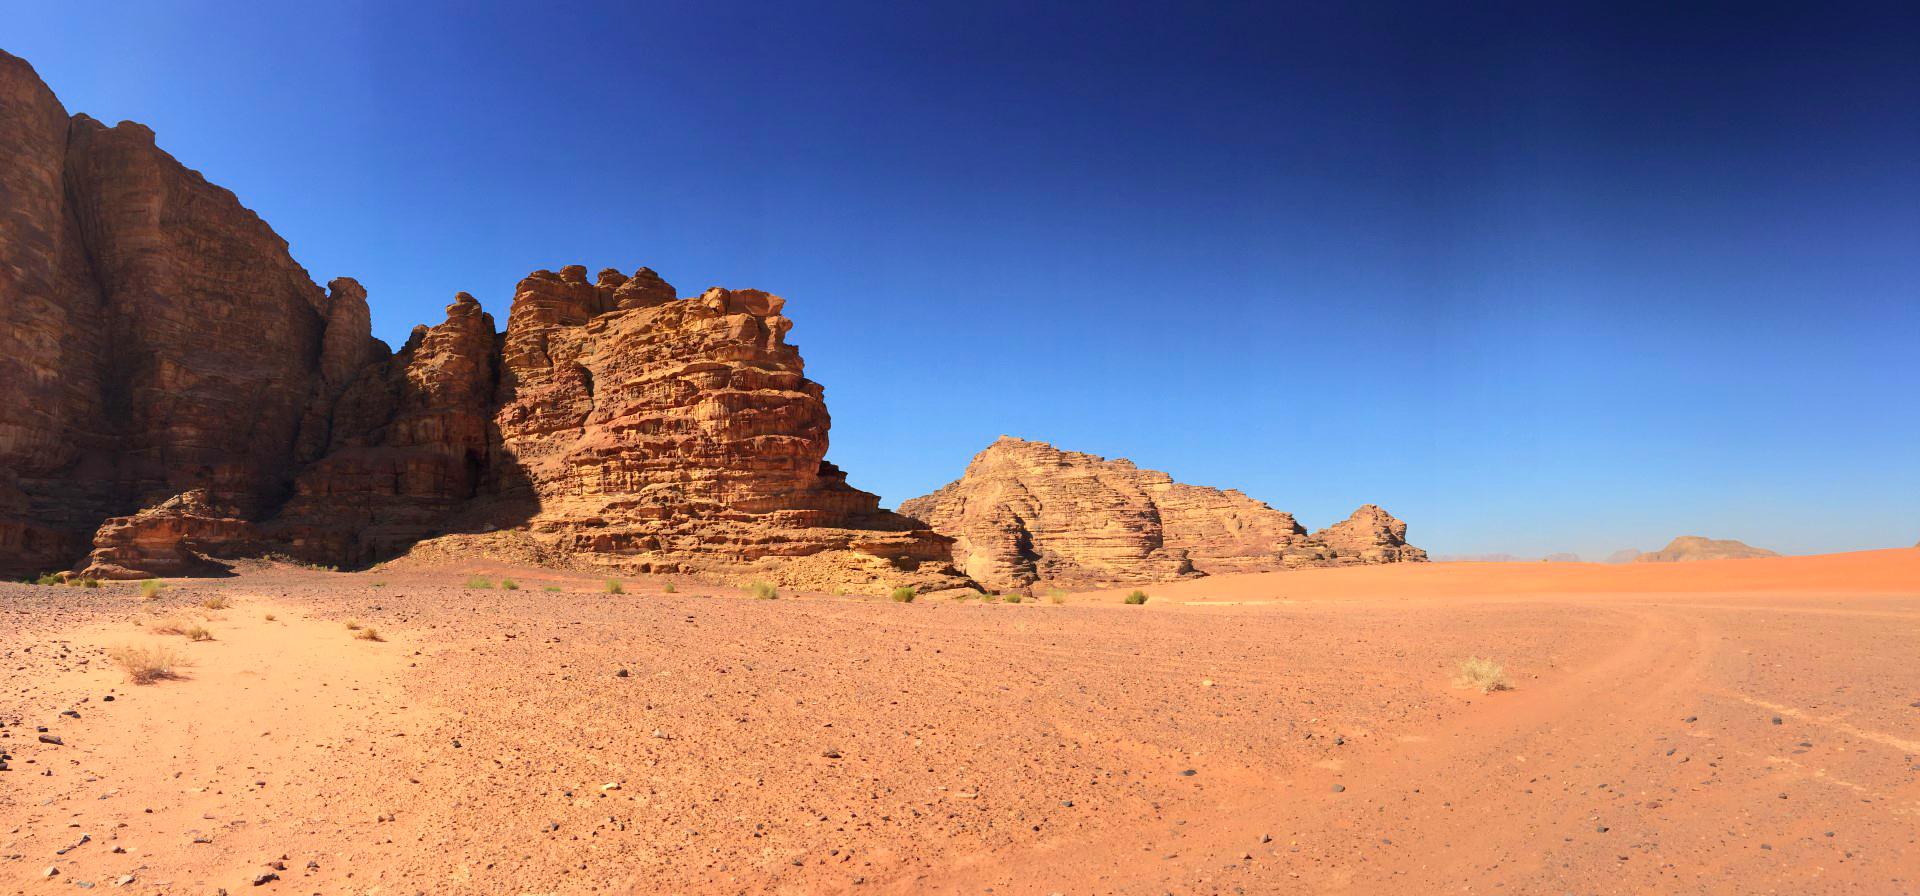 Qué ver en Wadi Rum: Desierto de Wadi Rum en Jordania qué ver en wadi rum - 28184837062 e4e9f2db2f o - Qué ver en Wadi Rum, Jordania